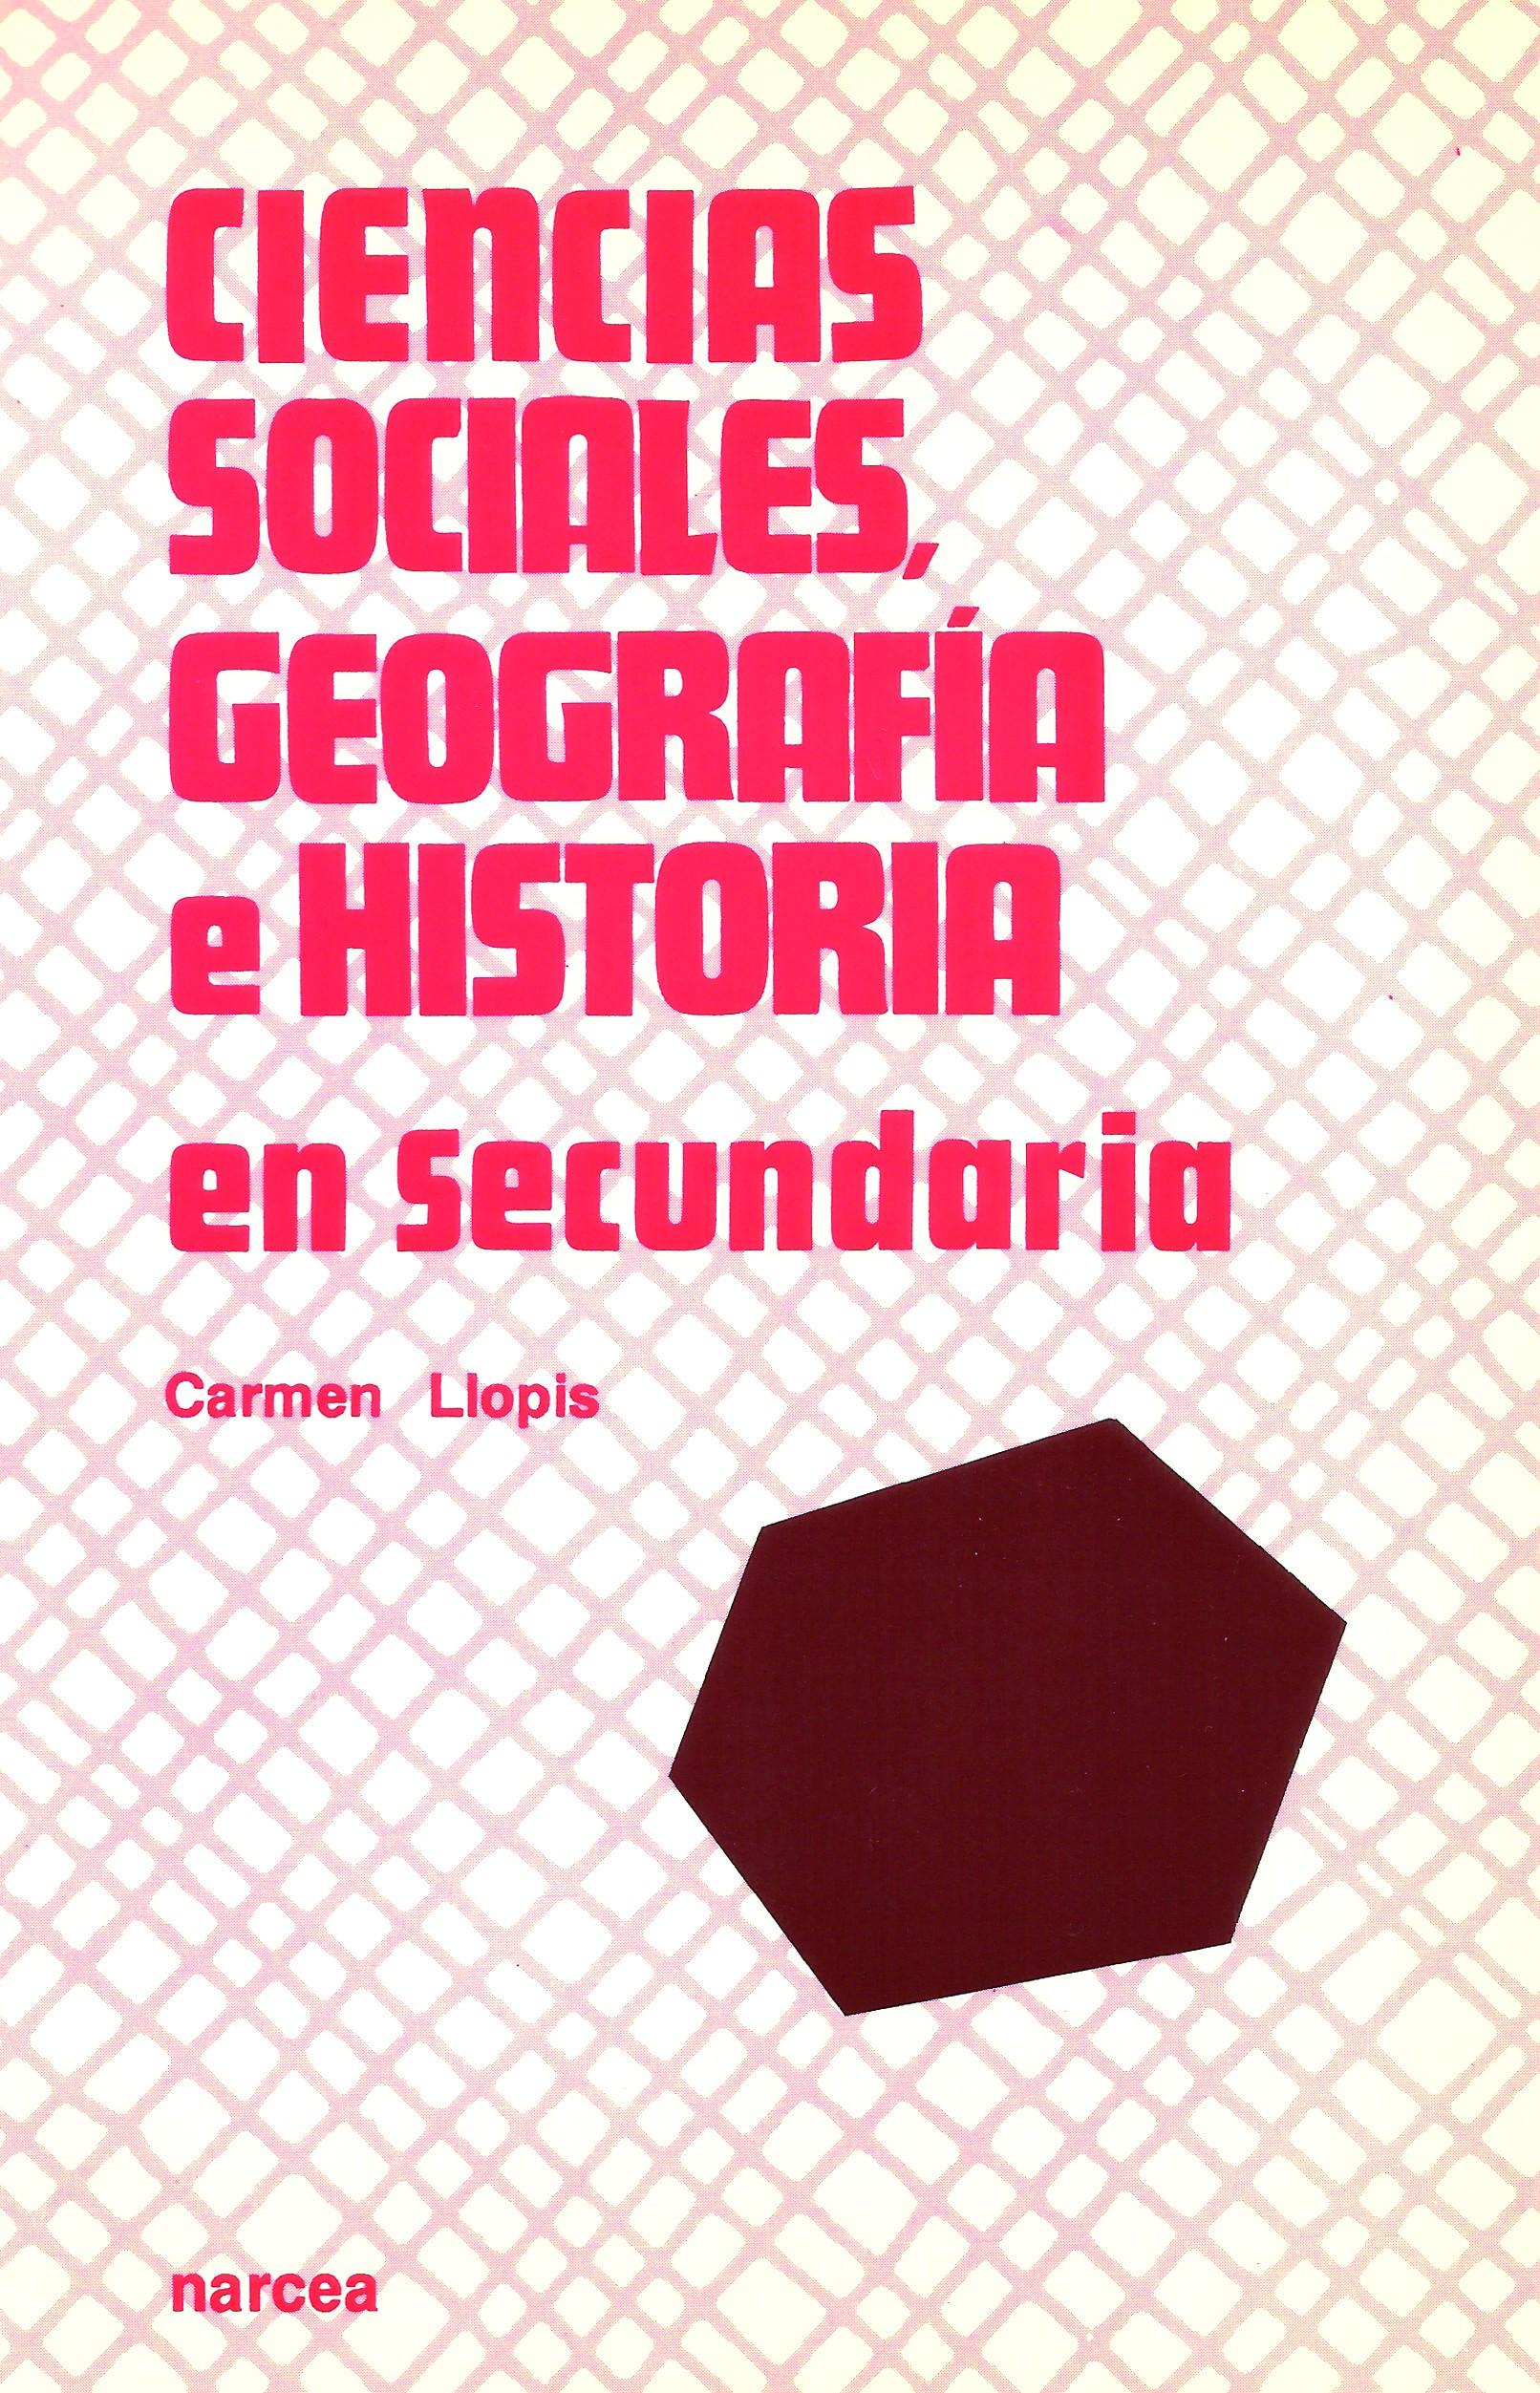 Ciencias Sociales, Geografía e Historia en Secundaria